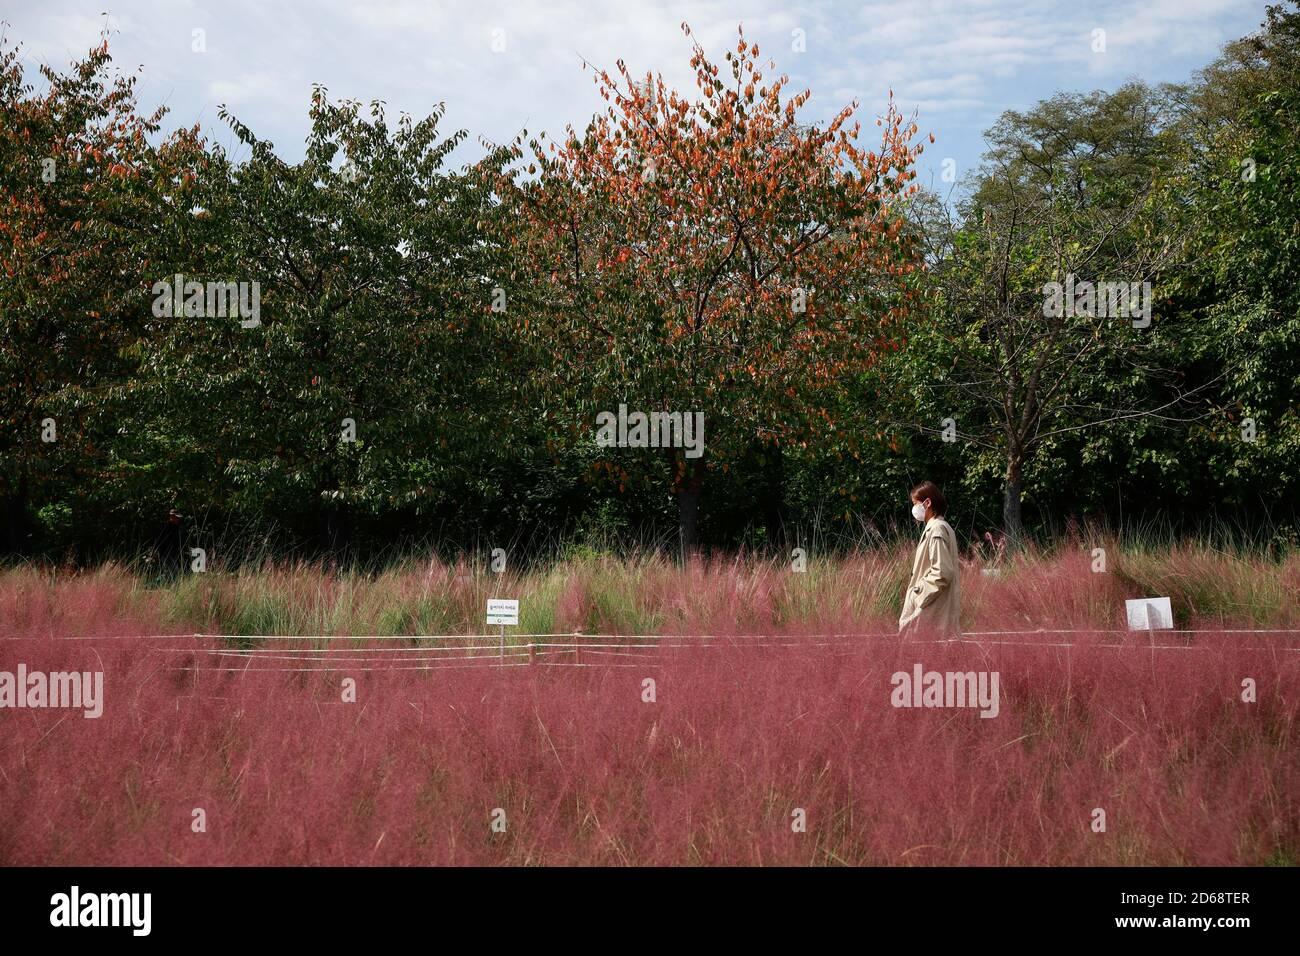 Séoul, Corée du Sud. 15 octobre 2020. Une femme passe devant un champ d'herbe rose muhly dans le parc olympique de Séoul, Corée du Sud, le 15 octobre 2020. Dimanche, la Corée du Sud a décidé de réduire ses directives de distanciation sociale à trois niveaux au niveau le plus bas, les cas quotidiens de COVID-19 étant restés relativement bas ces derniers jours. De nombreux résidents choisissent de venir dans les parcs pour des activités de plein air au cours de la saison d'automne. Crédit: Wang Jingqiang/Xinhua/Alay Live News Banque D'Images